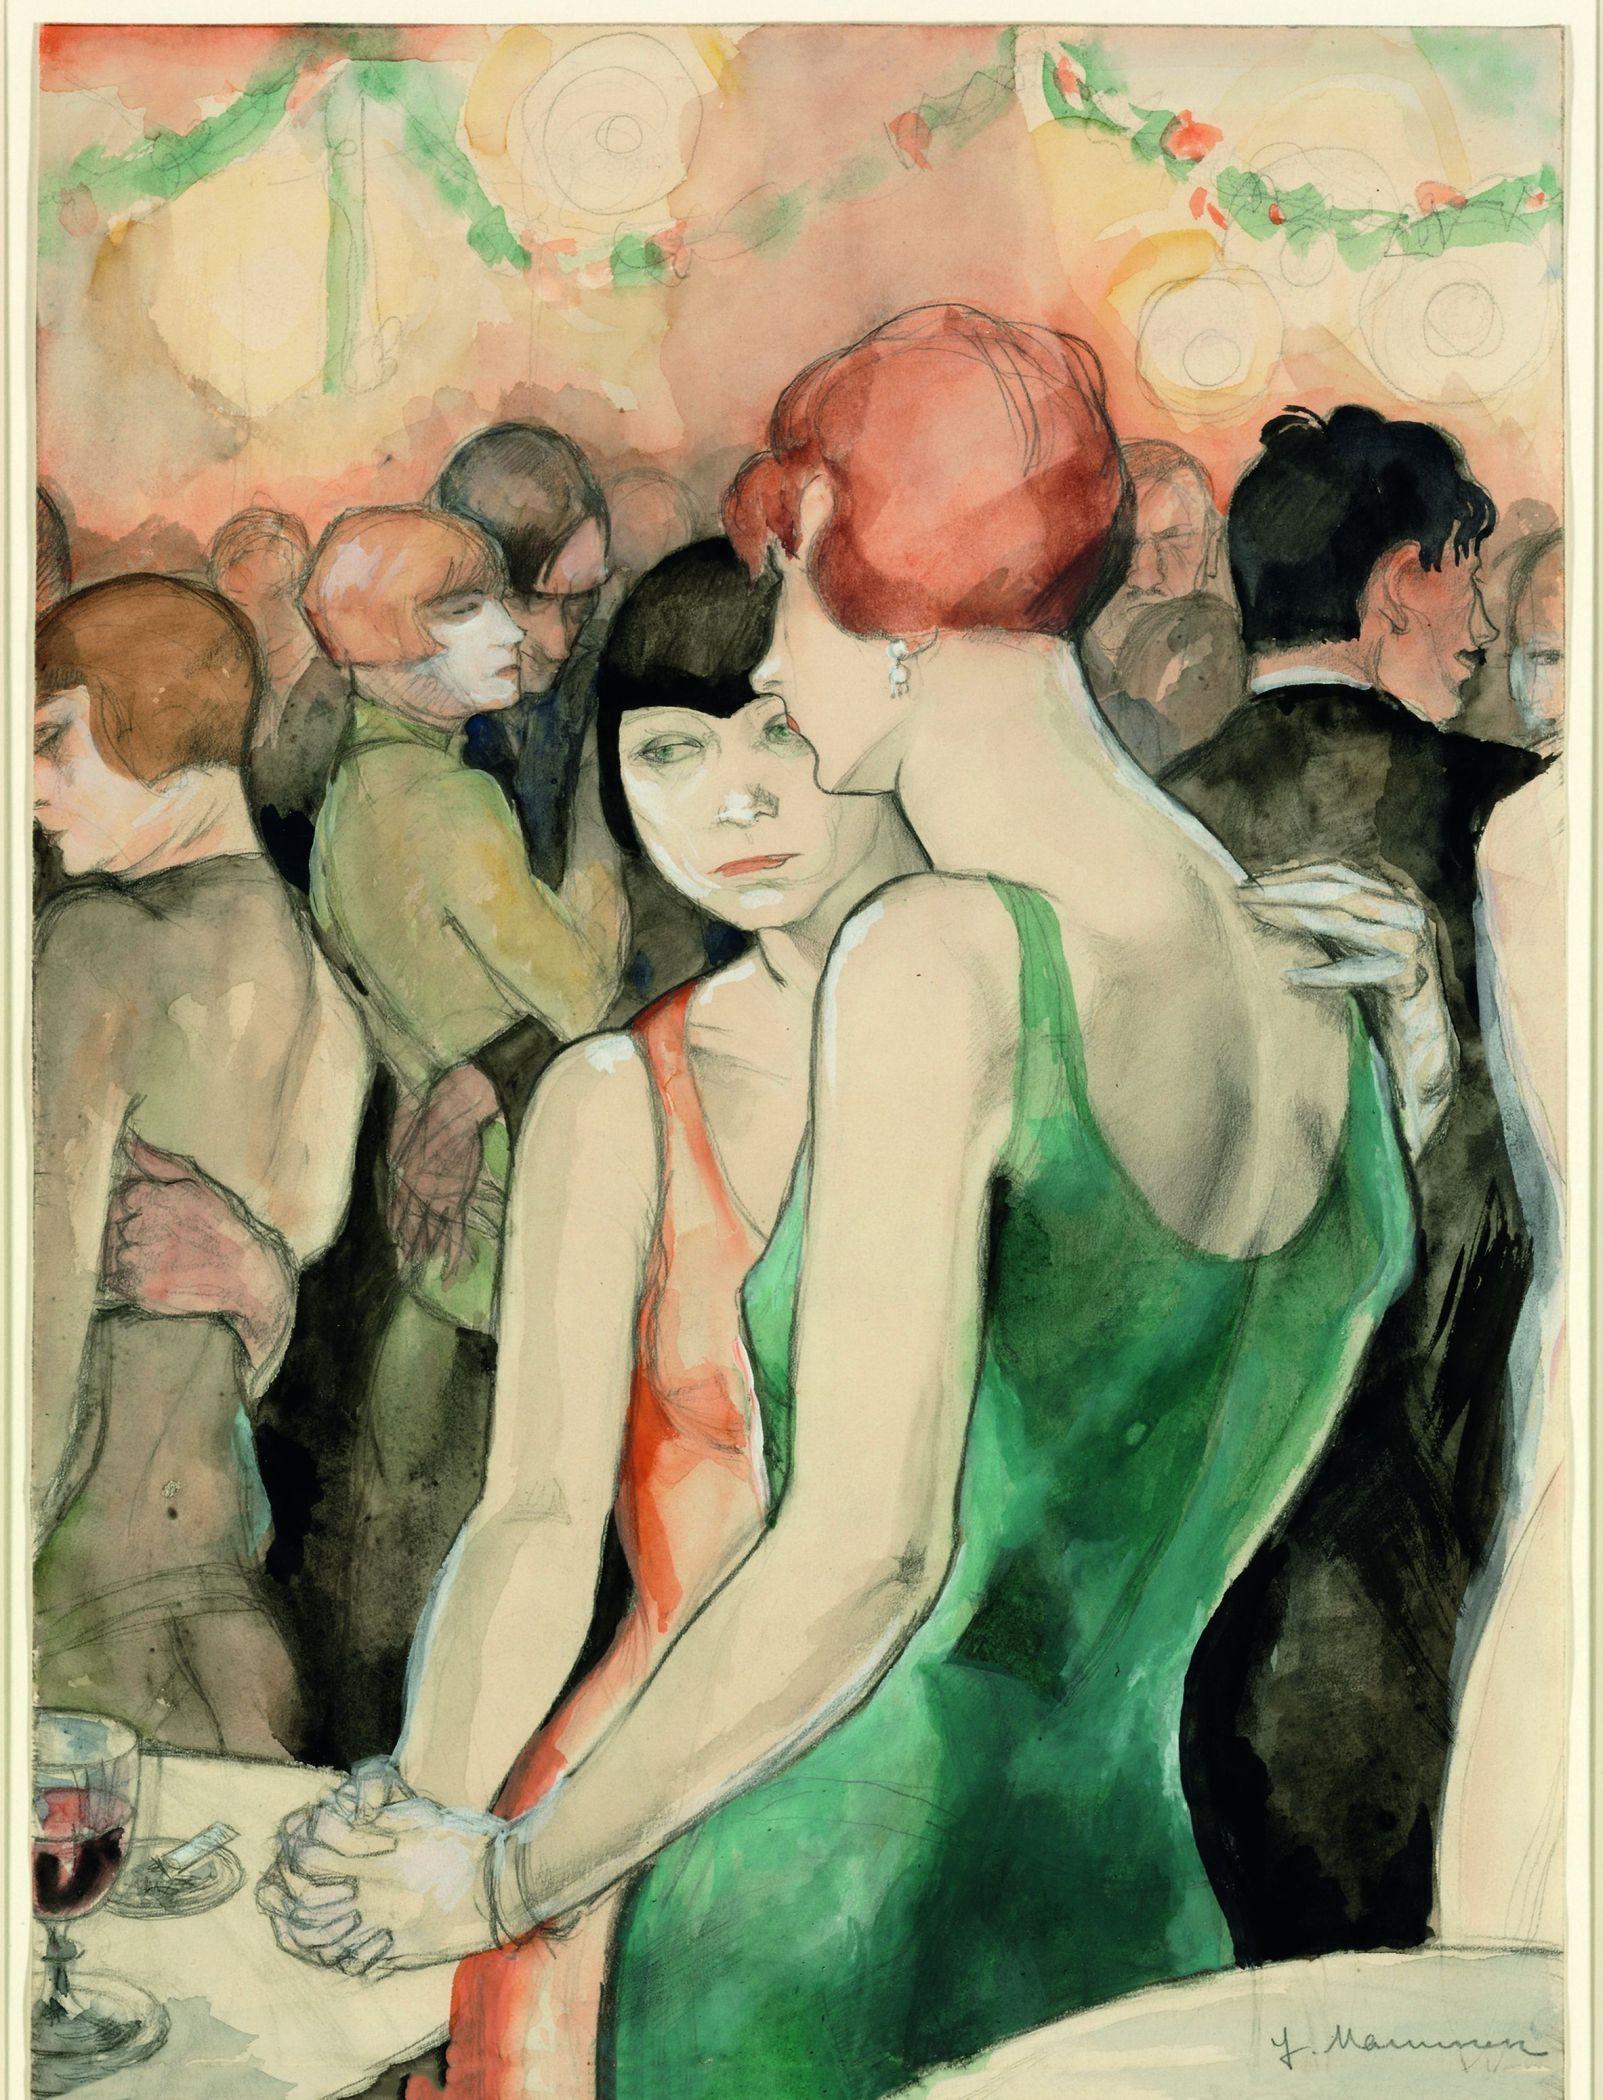 Jeanne Mammen Two Women Dancing Painting Art German Art